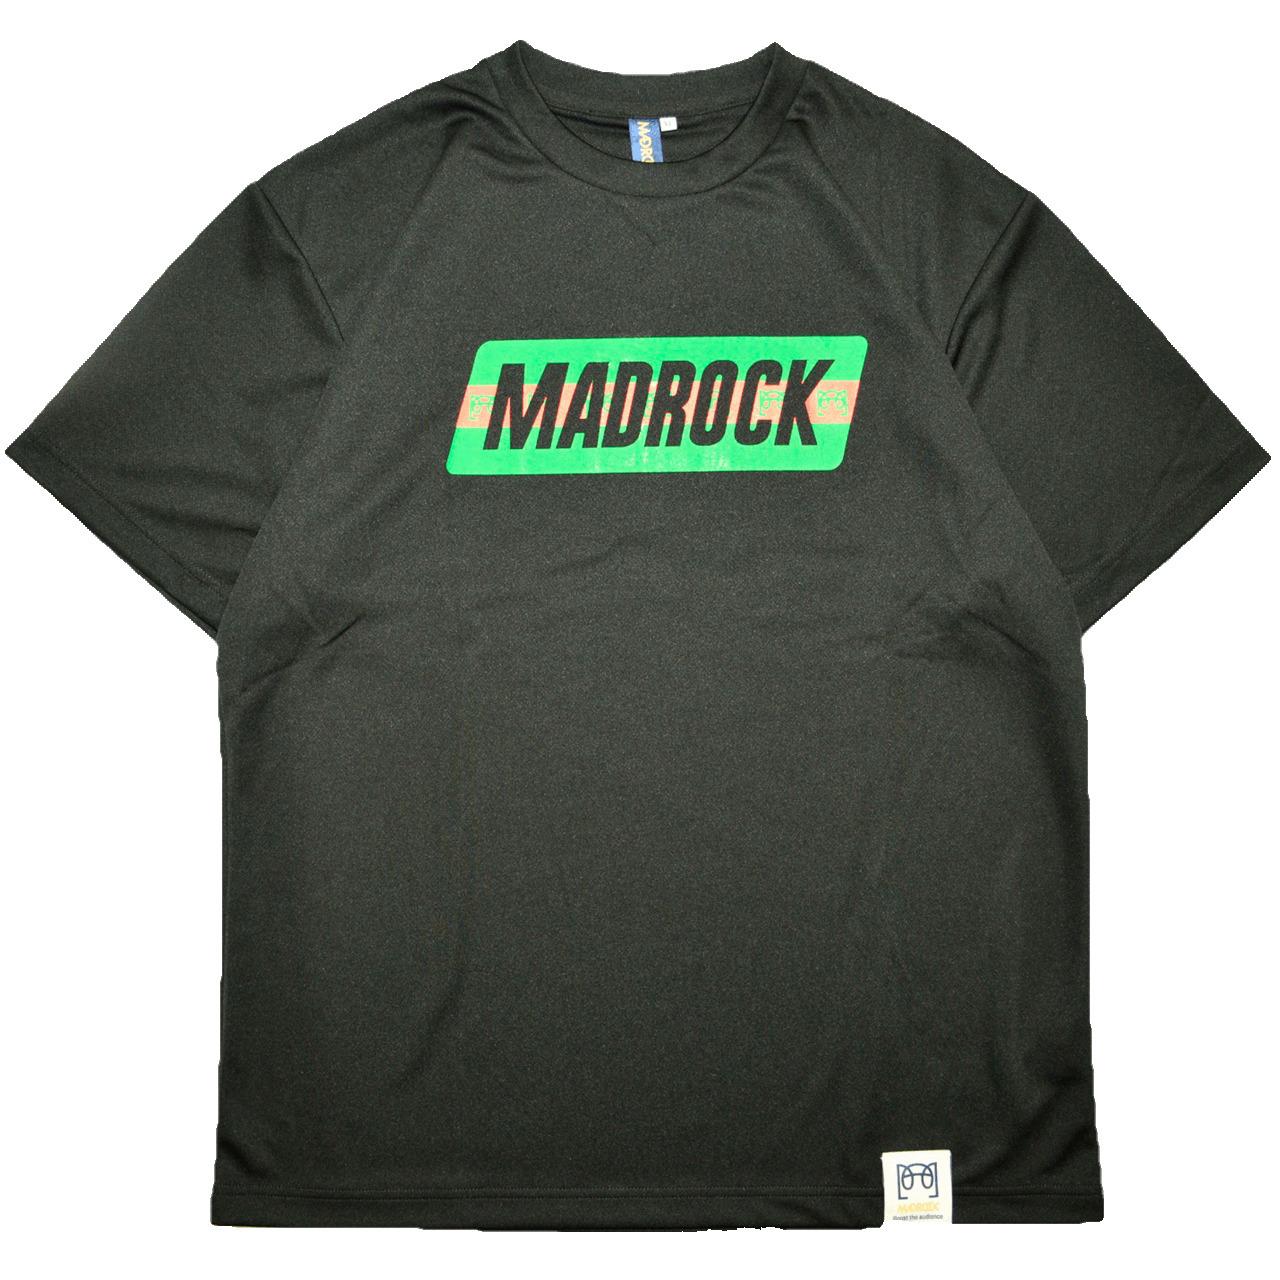 マッドロック - ブレインボール - Tシャツ / ドライタイプ / ブラック / MADROCK - BrainBall - TEE